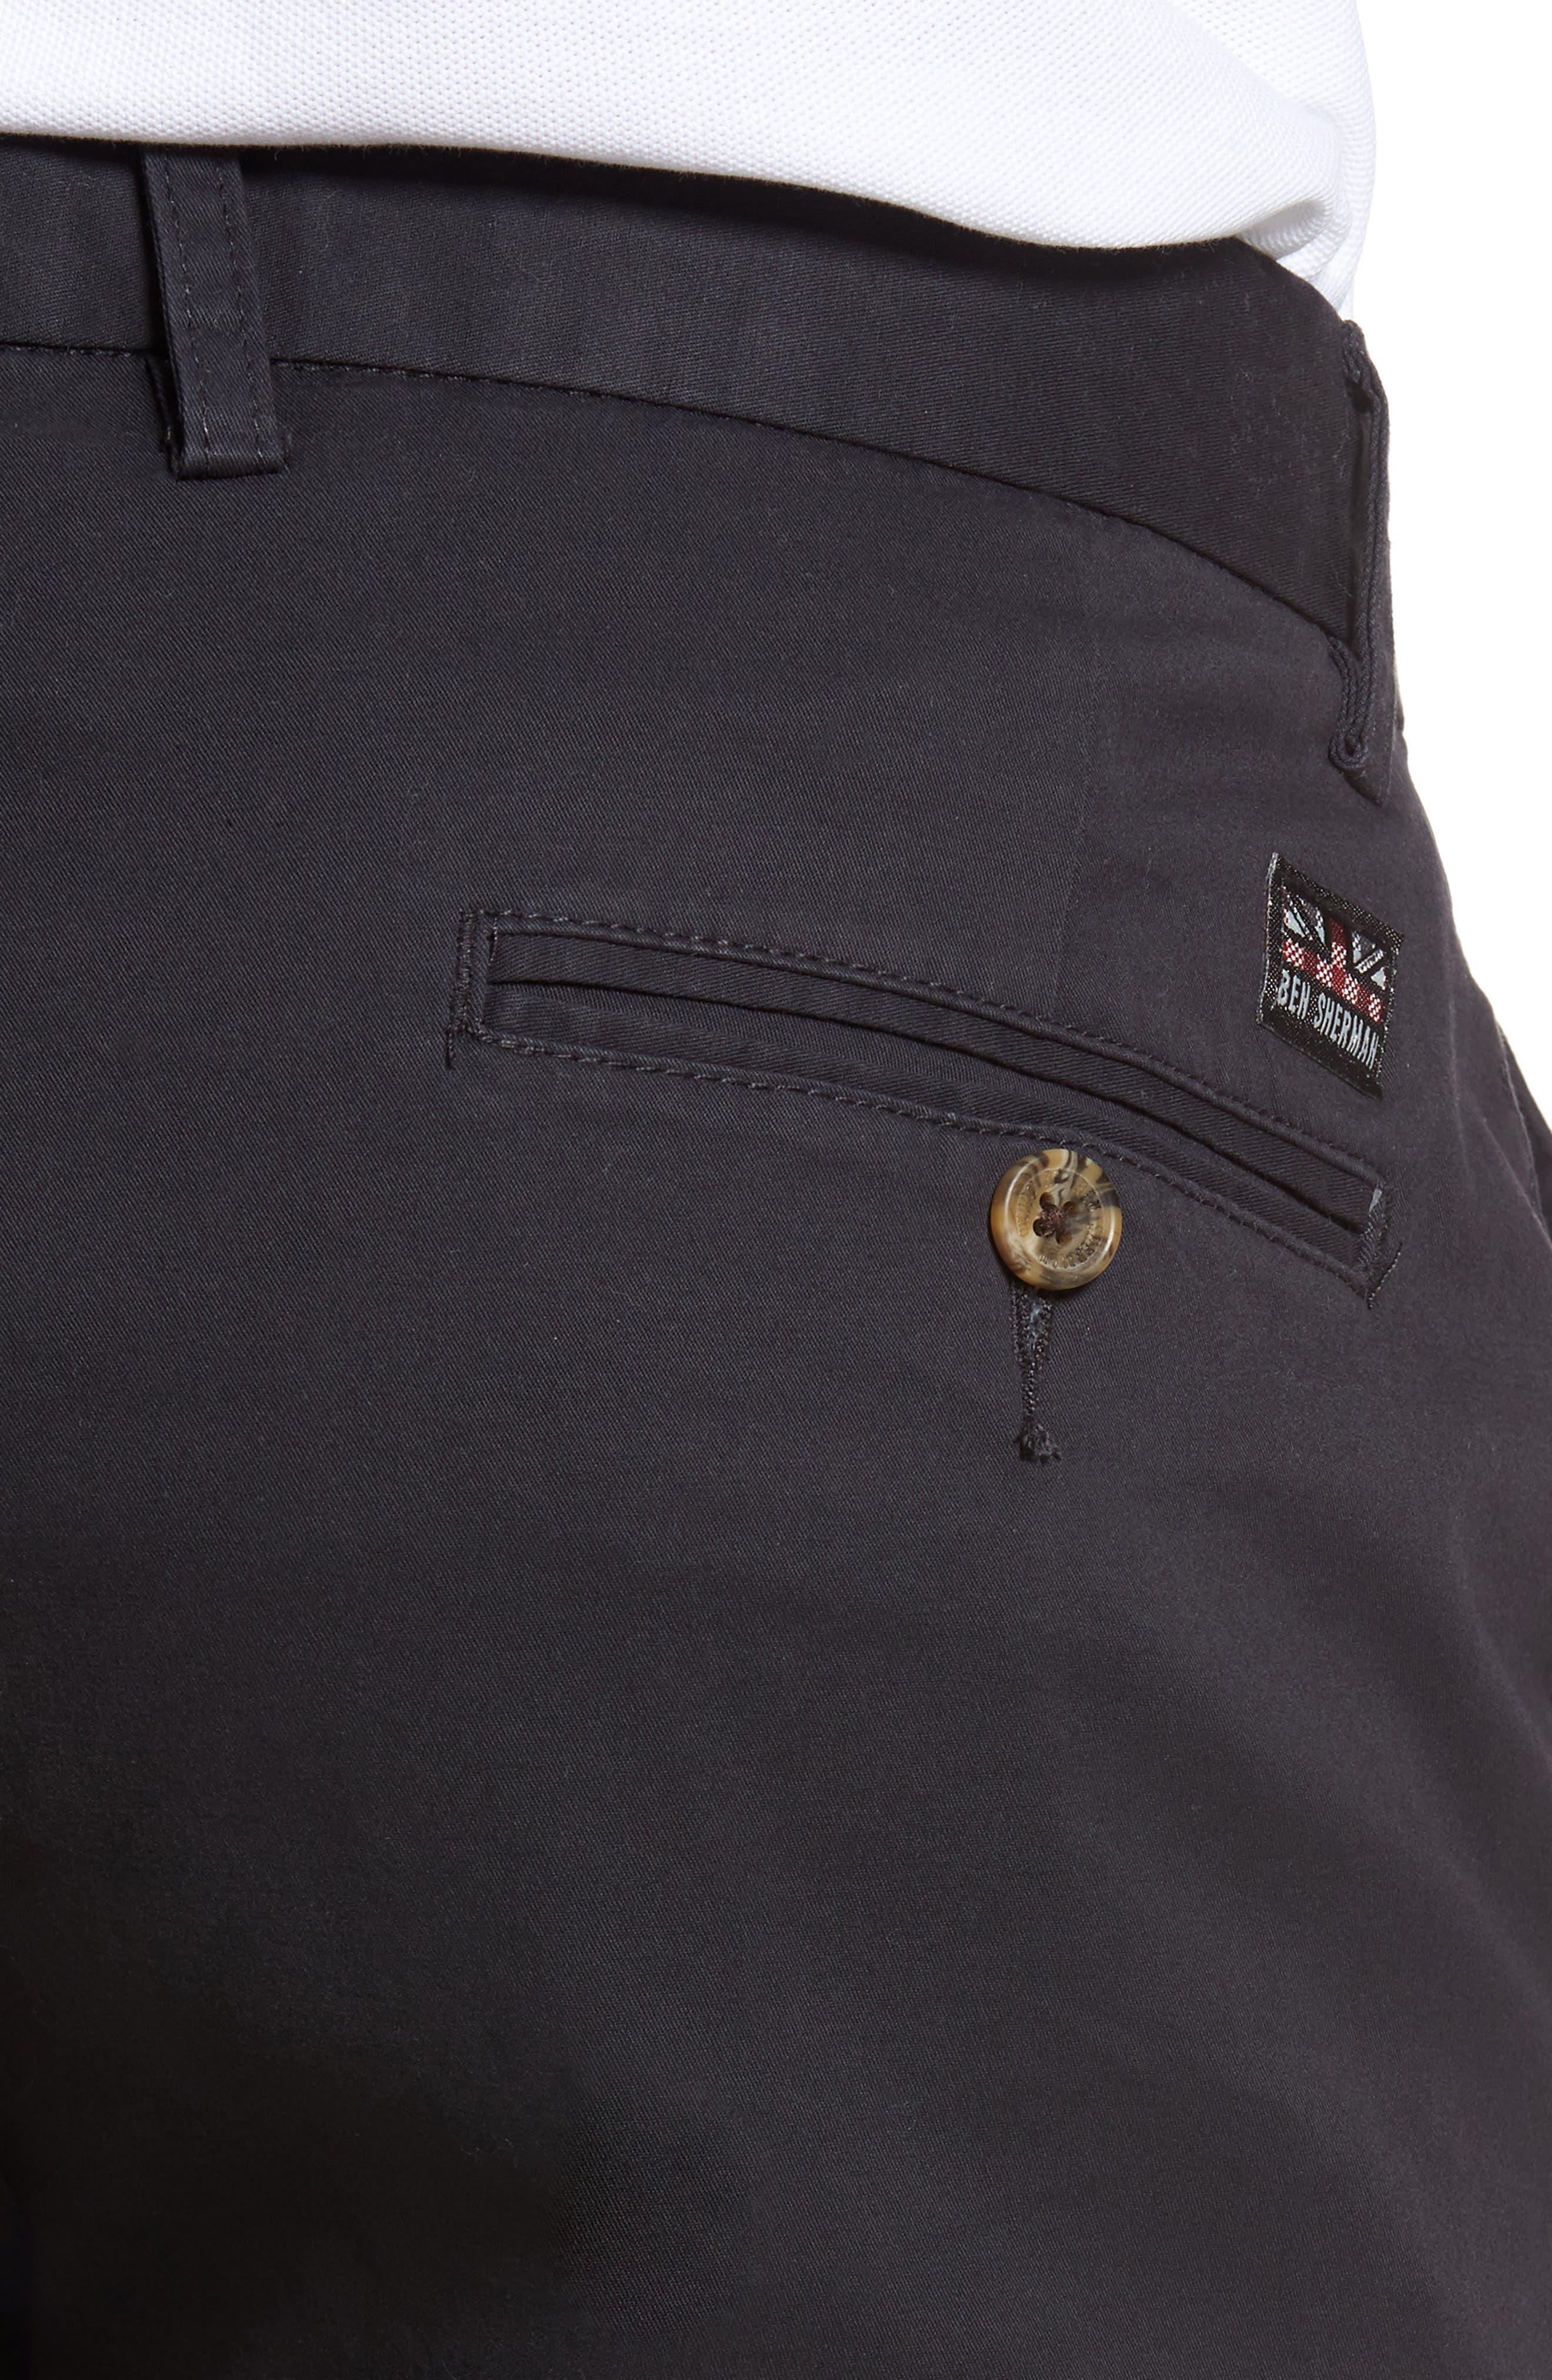 Slim Stretch Chino Shorts,                             Alternate thumbnail 4, color,                             Dark Navy